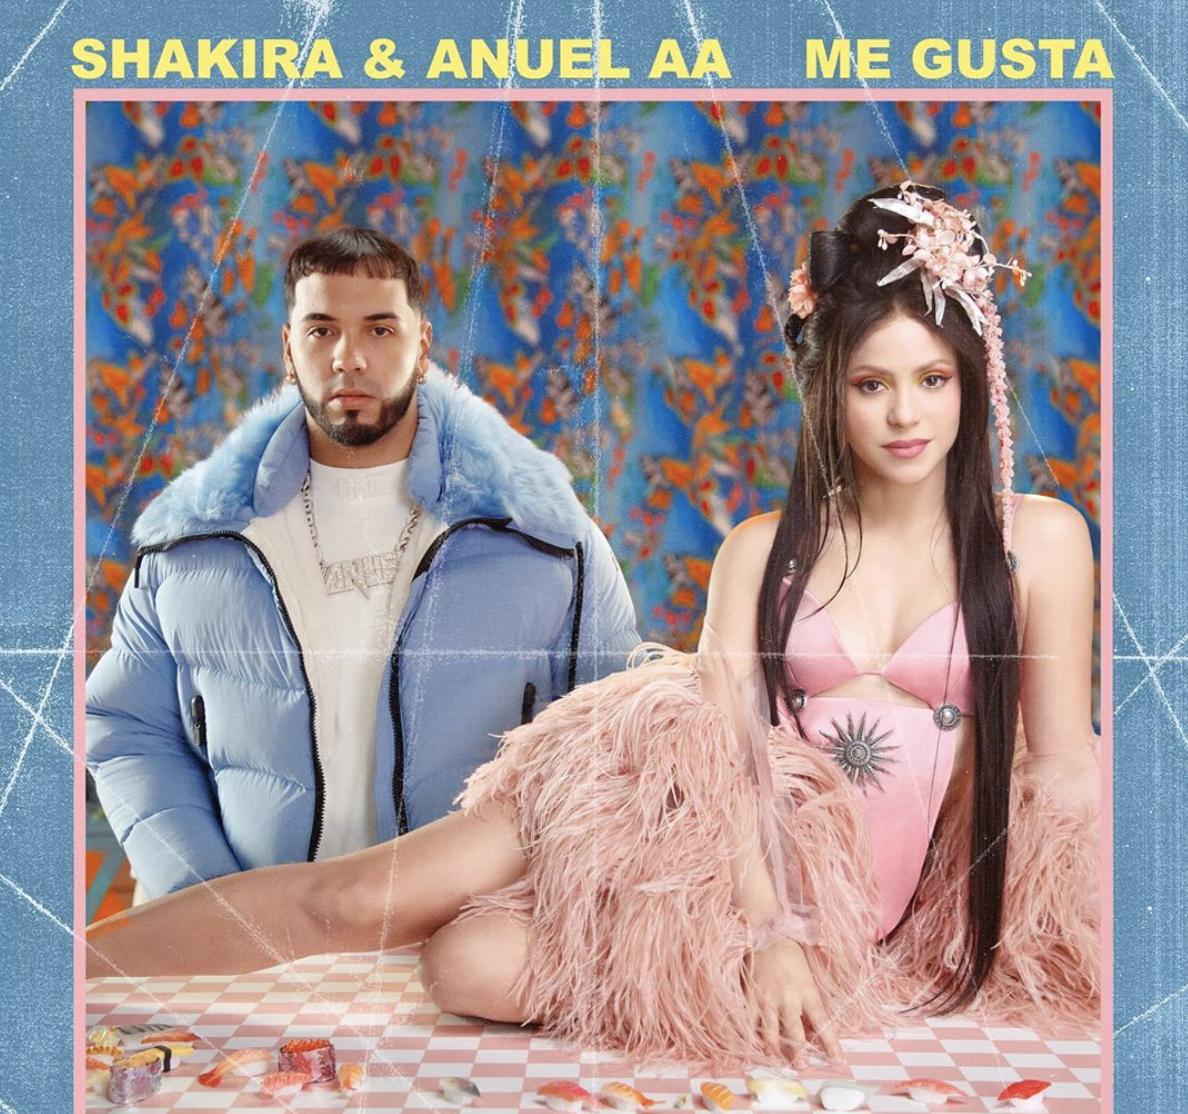 Shakira And Anuel AA